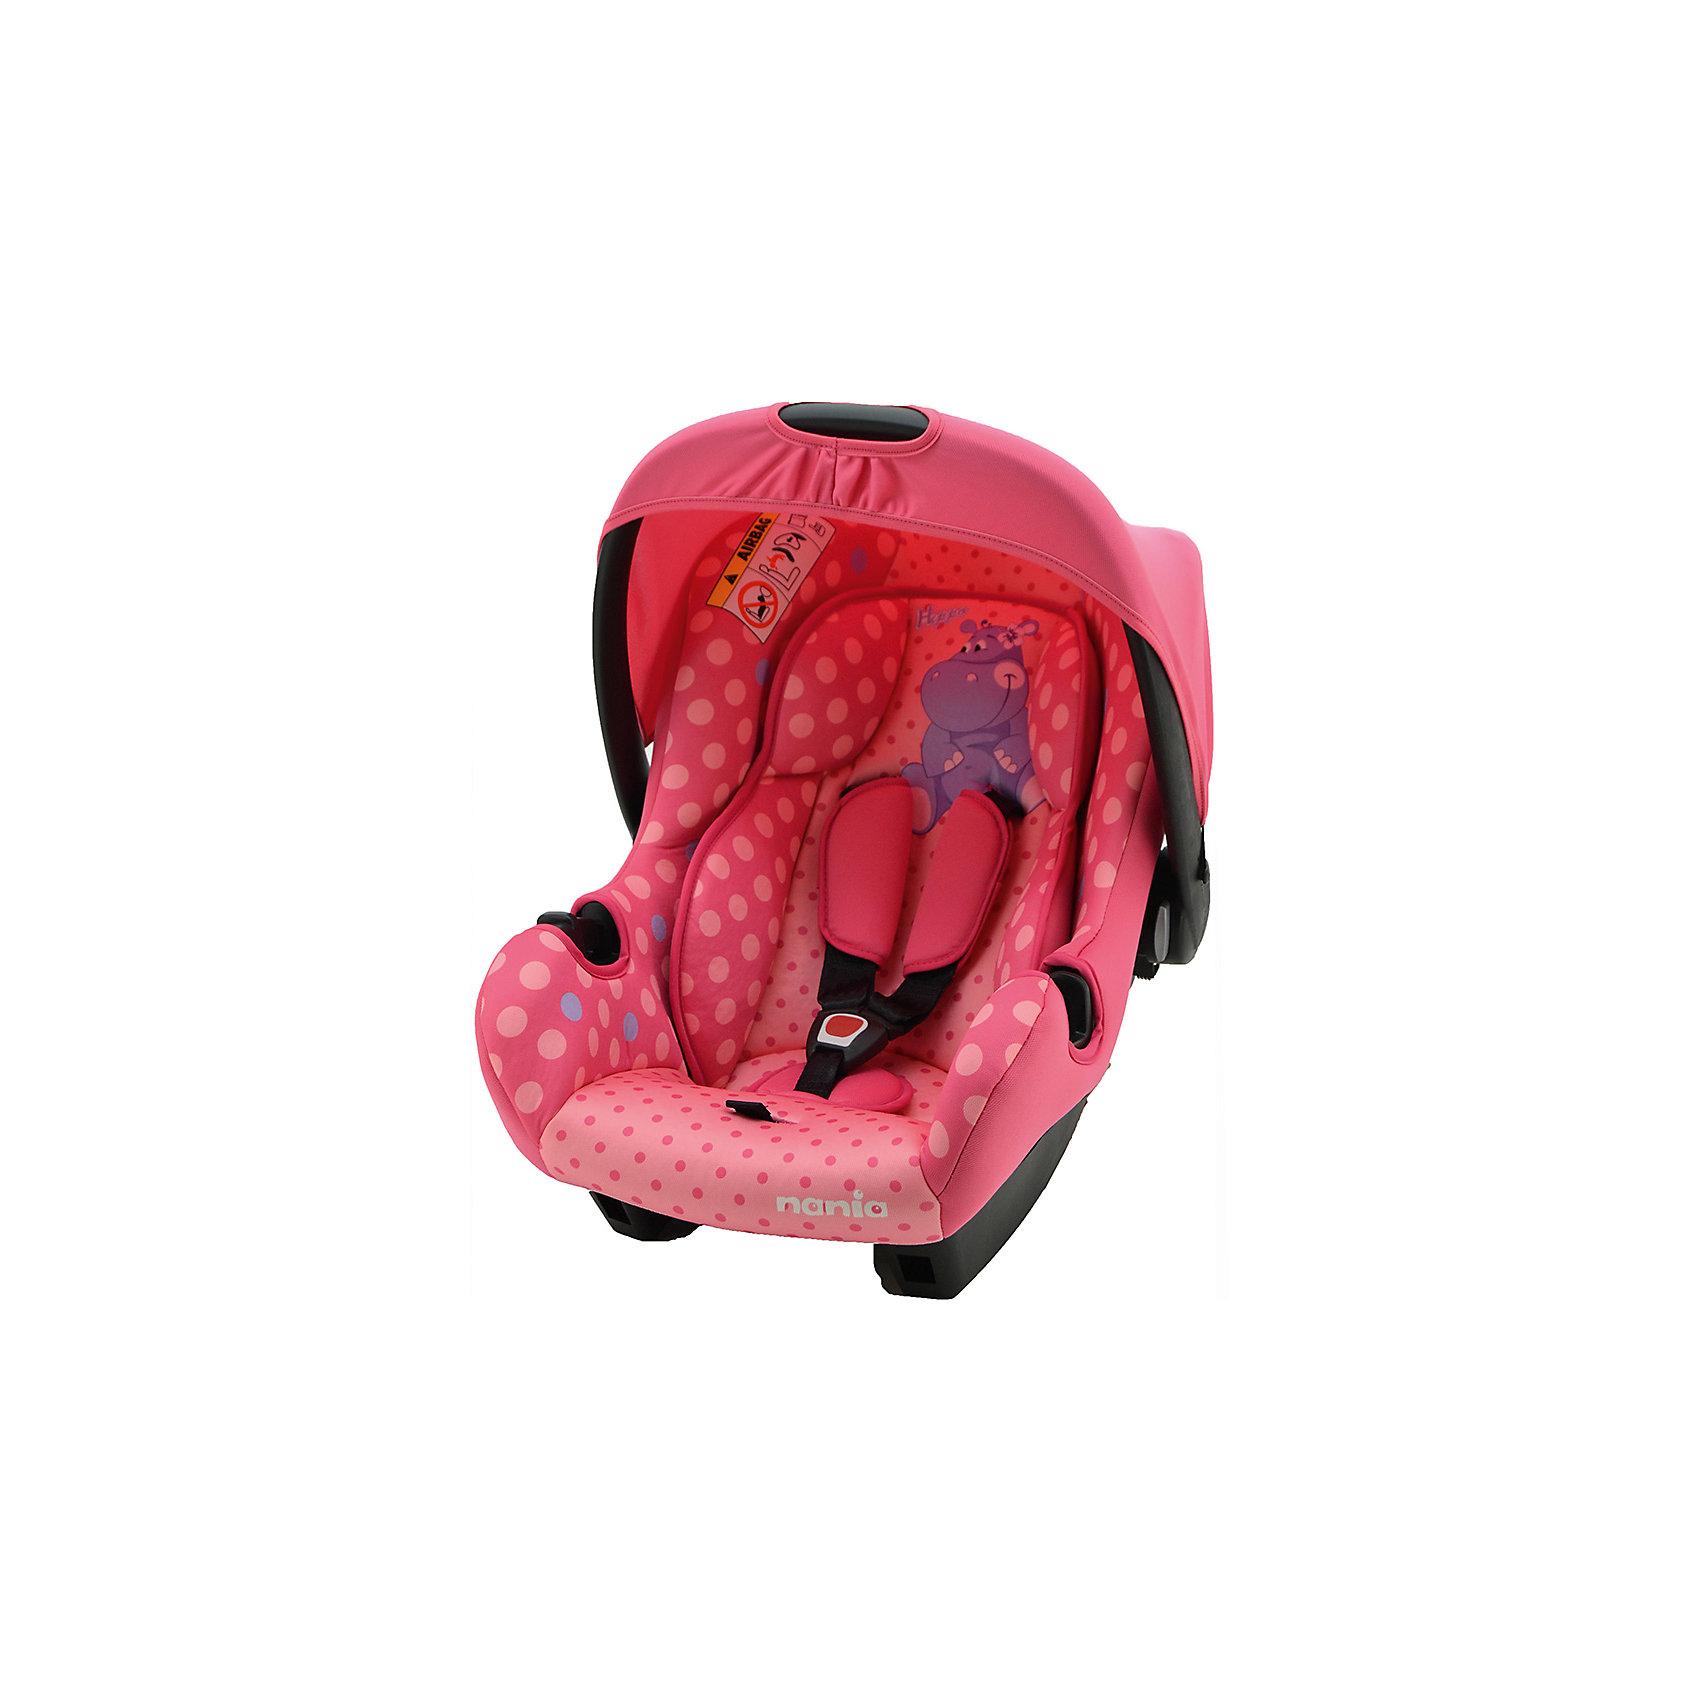 Автокресло BEONE SP 0-13 кг, ANIMALS HIPPO FUSHIA, Nania, розовыйЯркое и комфортабельное детское автокресло Nania ANIMALS, что может быть прекрасней для Вашего ребенка?<br>Его используют для детей до 1 года, весом до 13 кг. Каркас, имеющий анатомическую форму, изготовлен из полипропилена. Трех точечный ремень безопасности. Съёмные тканевые части можно стирать вручную.<br><br>Характеристики:<br>- Группа: 0+(от 0 до 13кг).<br>- 3-точечные ремни безопасности с центральной регулировкой.<br>- Если ребенок растегнет замок или замок не закрыт должным образом, прозвучит предупредительный сигнал.<br>- Спинка не регулируется.<br>- Съемные и моющиеся чехлы.<br>- Вид крепления: штатным ремнем автомобиля.<br>- Способ установки: на заднем сиденье лицом против направления движения и на переднем сиденье только в том случае, если подушка безопасности отключена.<br>- Тканевые чехлы можно снимать и стирать в деликатном режиме.<br><br>Дополнительная информация:<br><br>- Возраст: от 0 до 9 месяцев.<br>- Материал: пластик, текстиль.<br>- Цвет: розовый.<br>- Внешние размеры: 70х47х40 см.<br>- Внутренние размеры: 32х30 см.<br>- Размер упаковки: 65х44х30 см.<br>- Вес в упаковке: 2900 кг.<br><br>Купить автокресло BEONE SP, ANIMALS HIPPO FUSHIA, Nania в розовом цвете,  можно в нашем магазине.<br><br>Ширина мм: 650<br>Глубина мм: 440<br>Высота мм: 300<br>Вес г: 2900<br>Возраст от месяцев: 0<br>Возраст до месяцев: 12<br>Пол: Женский<br>Возраст: Детский<br>SKU: 4828301